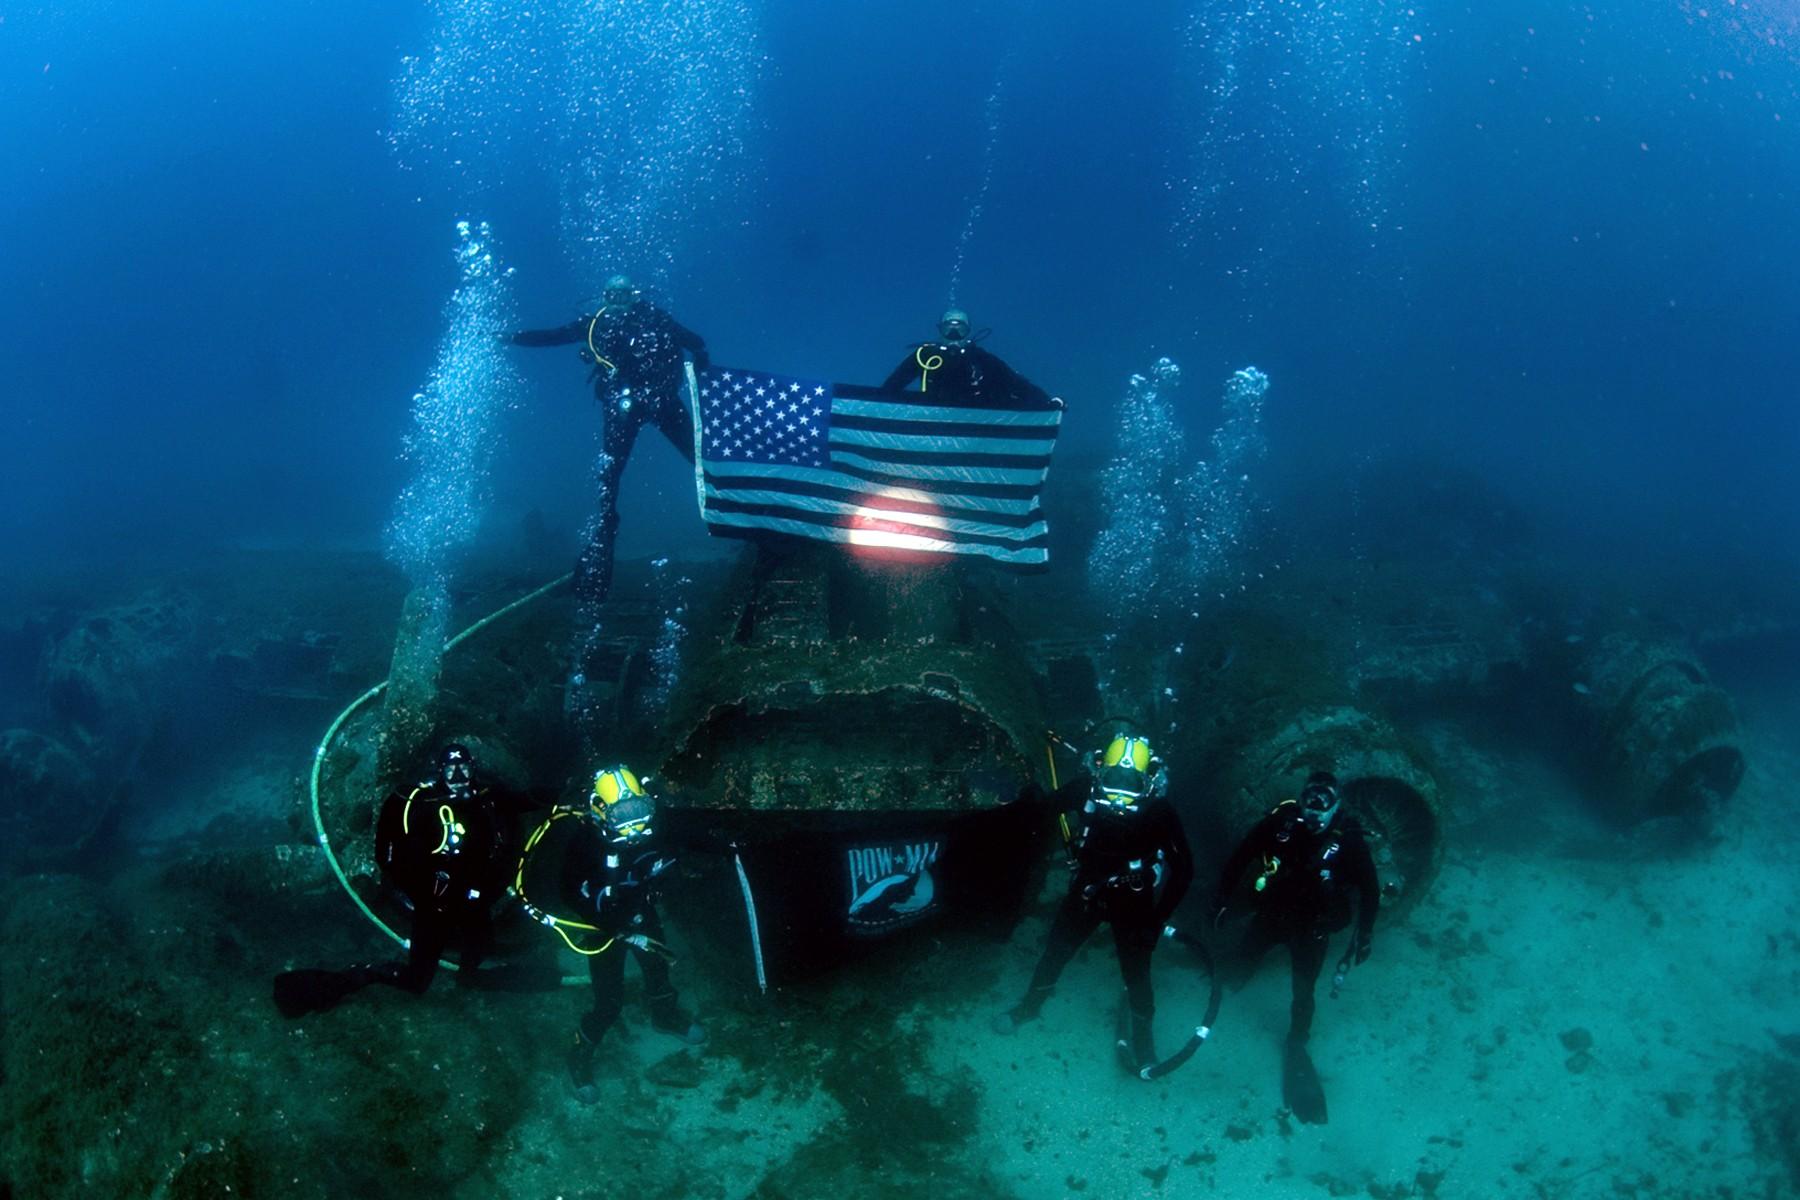 Vehicle Flag Underwater Divers American Diving Biology Scuba Pow Reef Marine Water